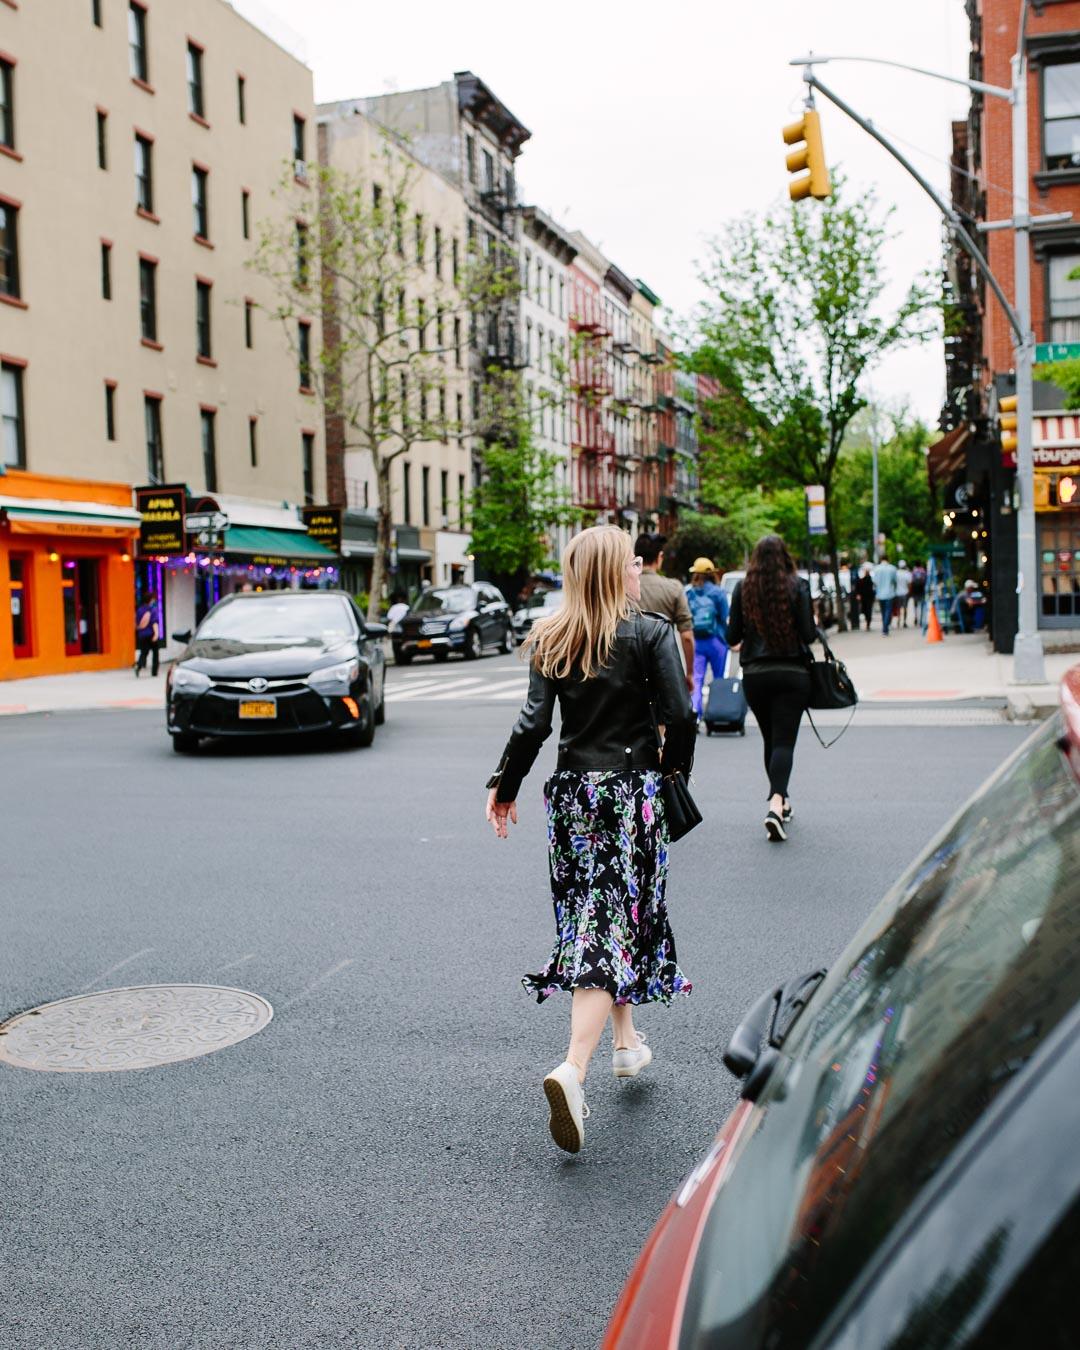 fletkefoto_LES-woman-crossing-spring-in-step-blonde-radiant_web-res.jpg